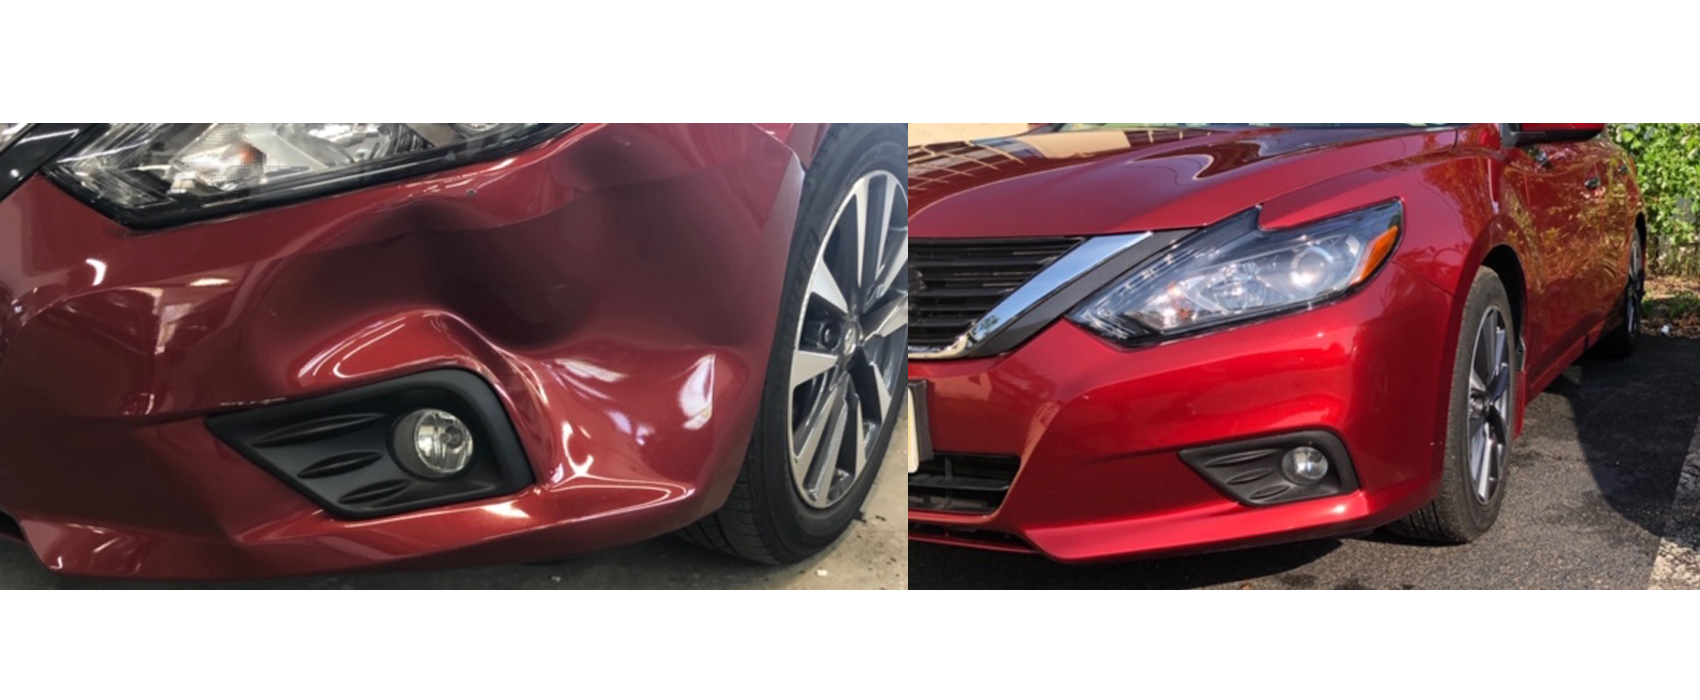 Carstar | car collision repair